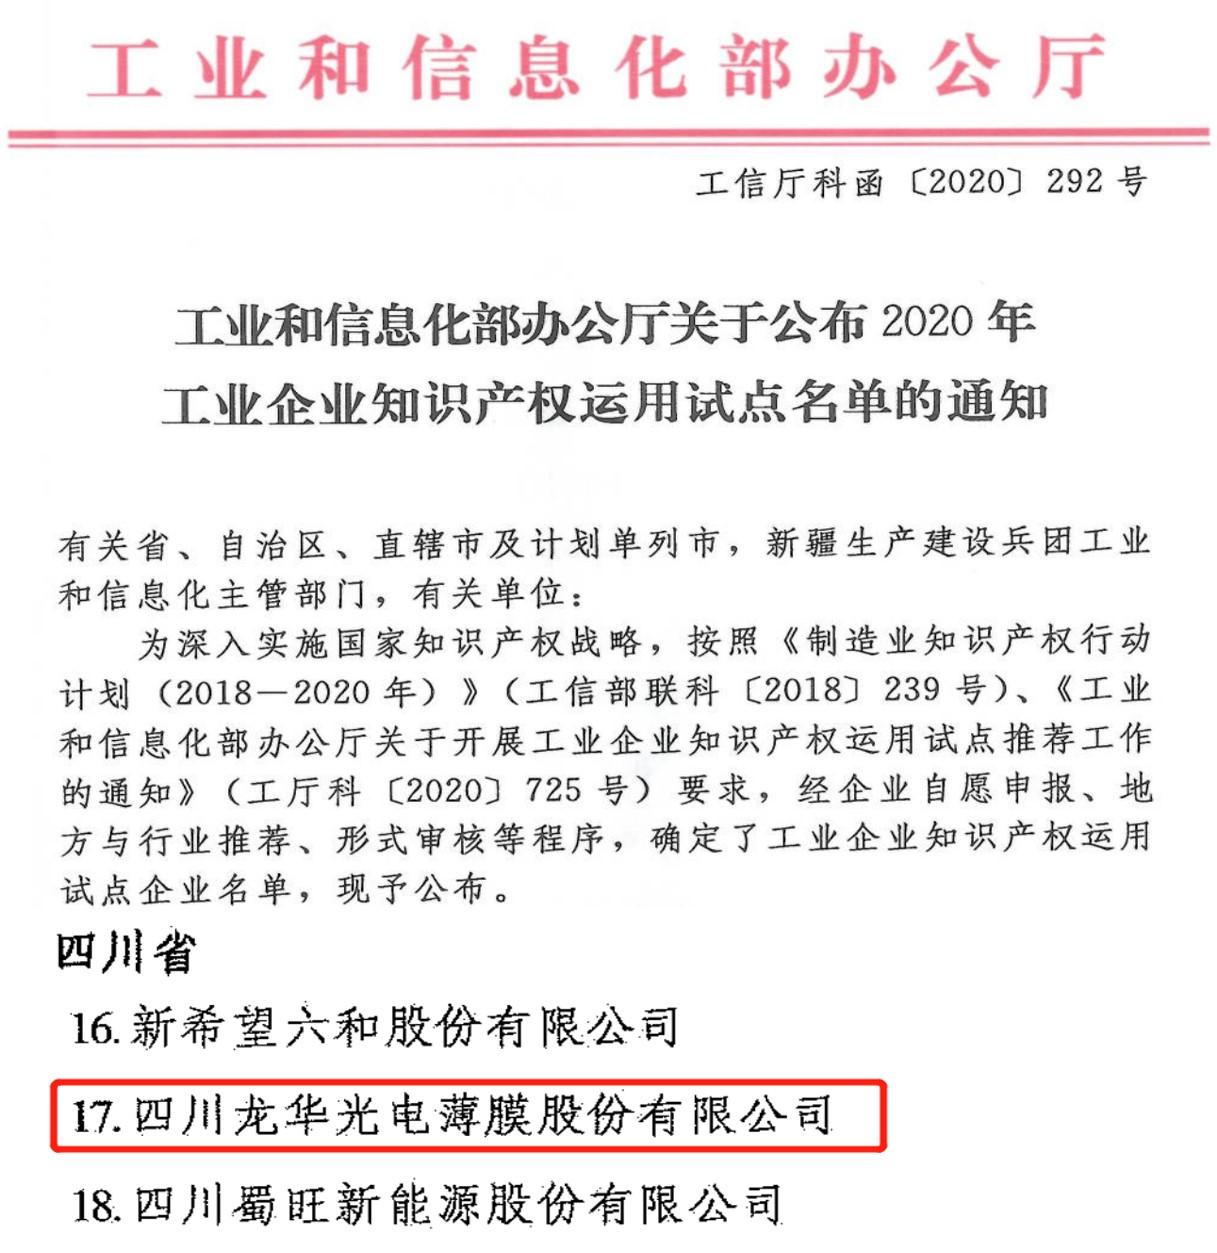 龍華薄膜入選(xuan)國家工業企業知識產權運用試點企業